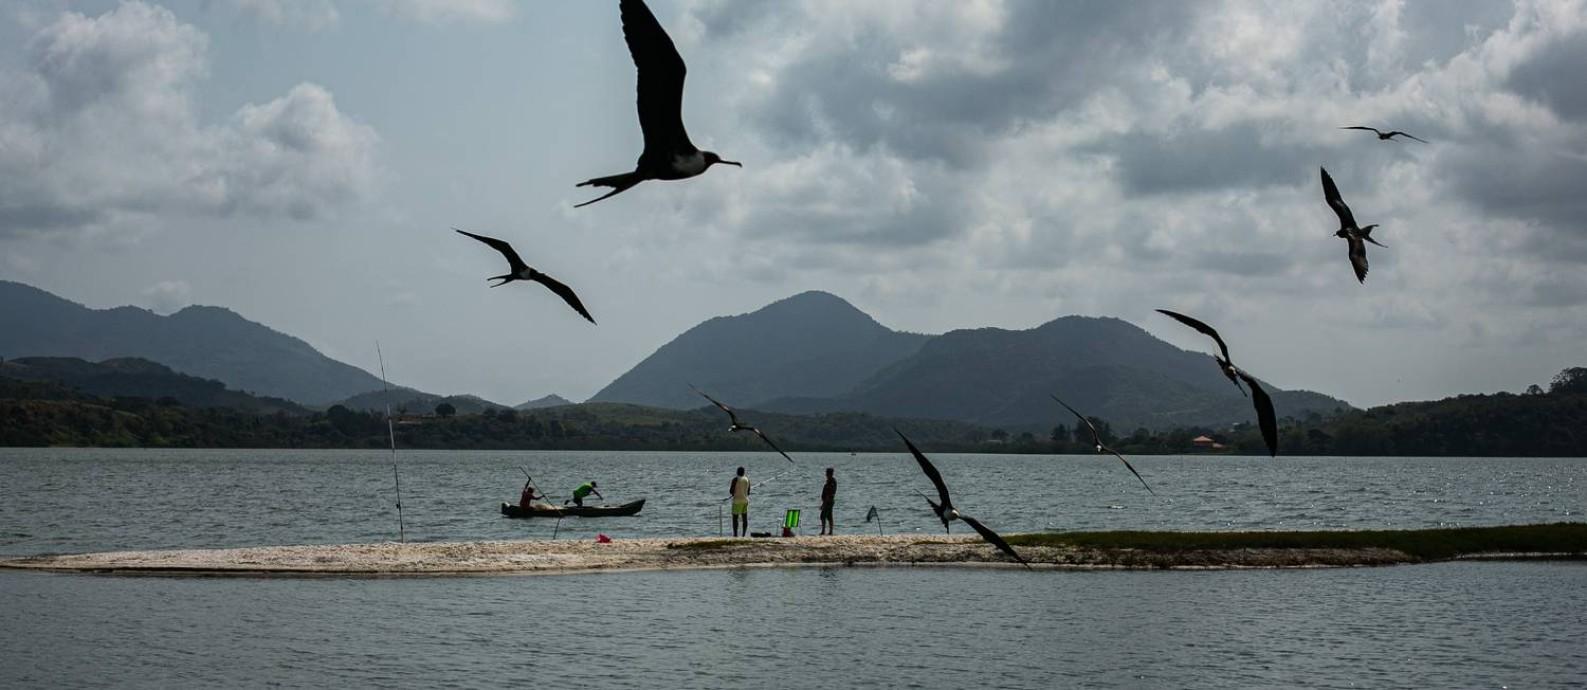 Esperança. Pescadores de Saquarema esperam que os royalties sejam usados para melhorar a navegabilidade na laguna, permitindo a pesca na maré baixa Foto: Hermes de Paula / Agência O Globo